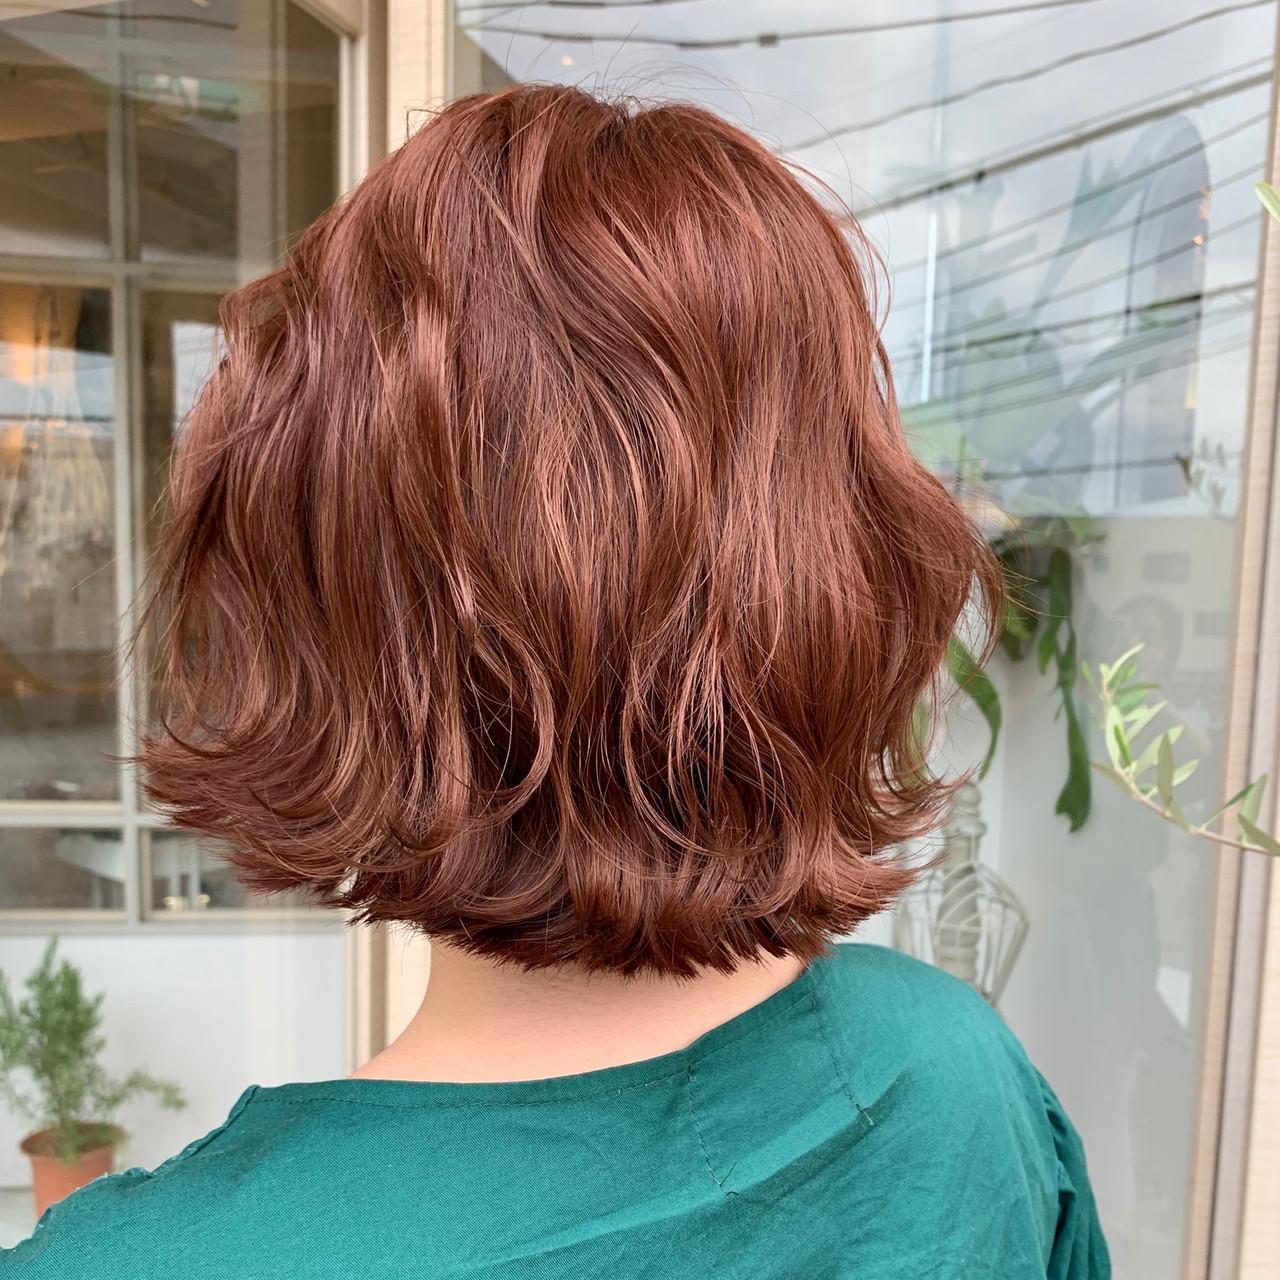 アプリコットオレンジ ナチュラル オレンジブラウン オレンジ ヘアスタイルや髪型の写真・画像 | ますだまりな / hair make misty